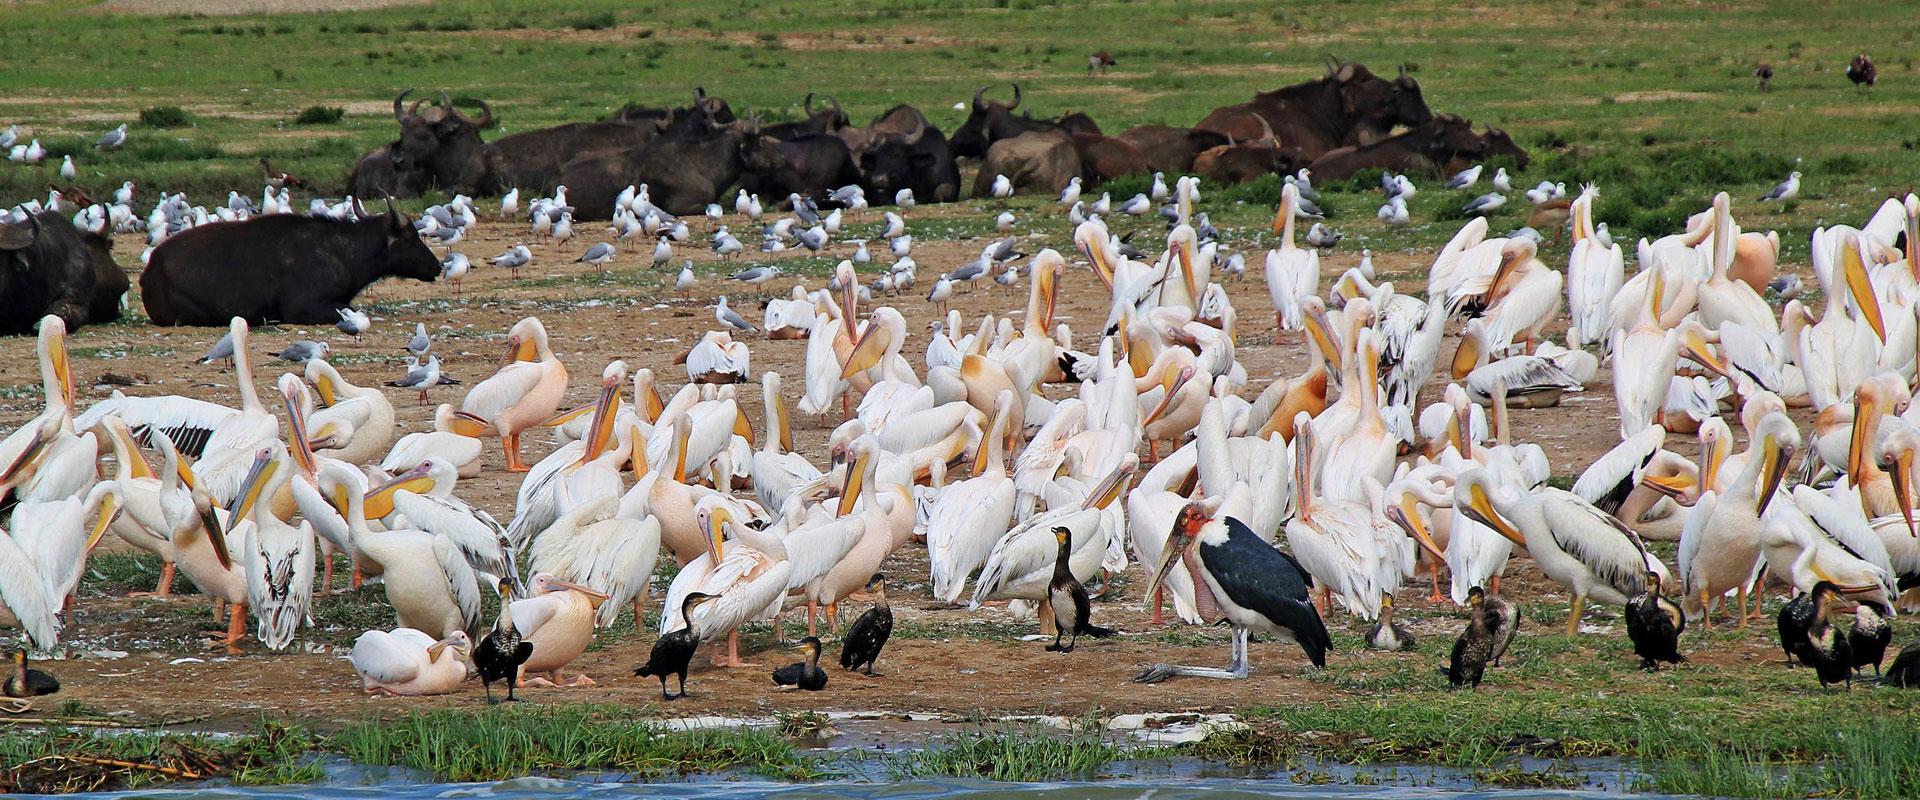 Uganda-Birding-Safari